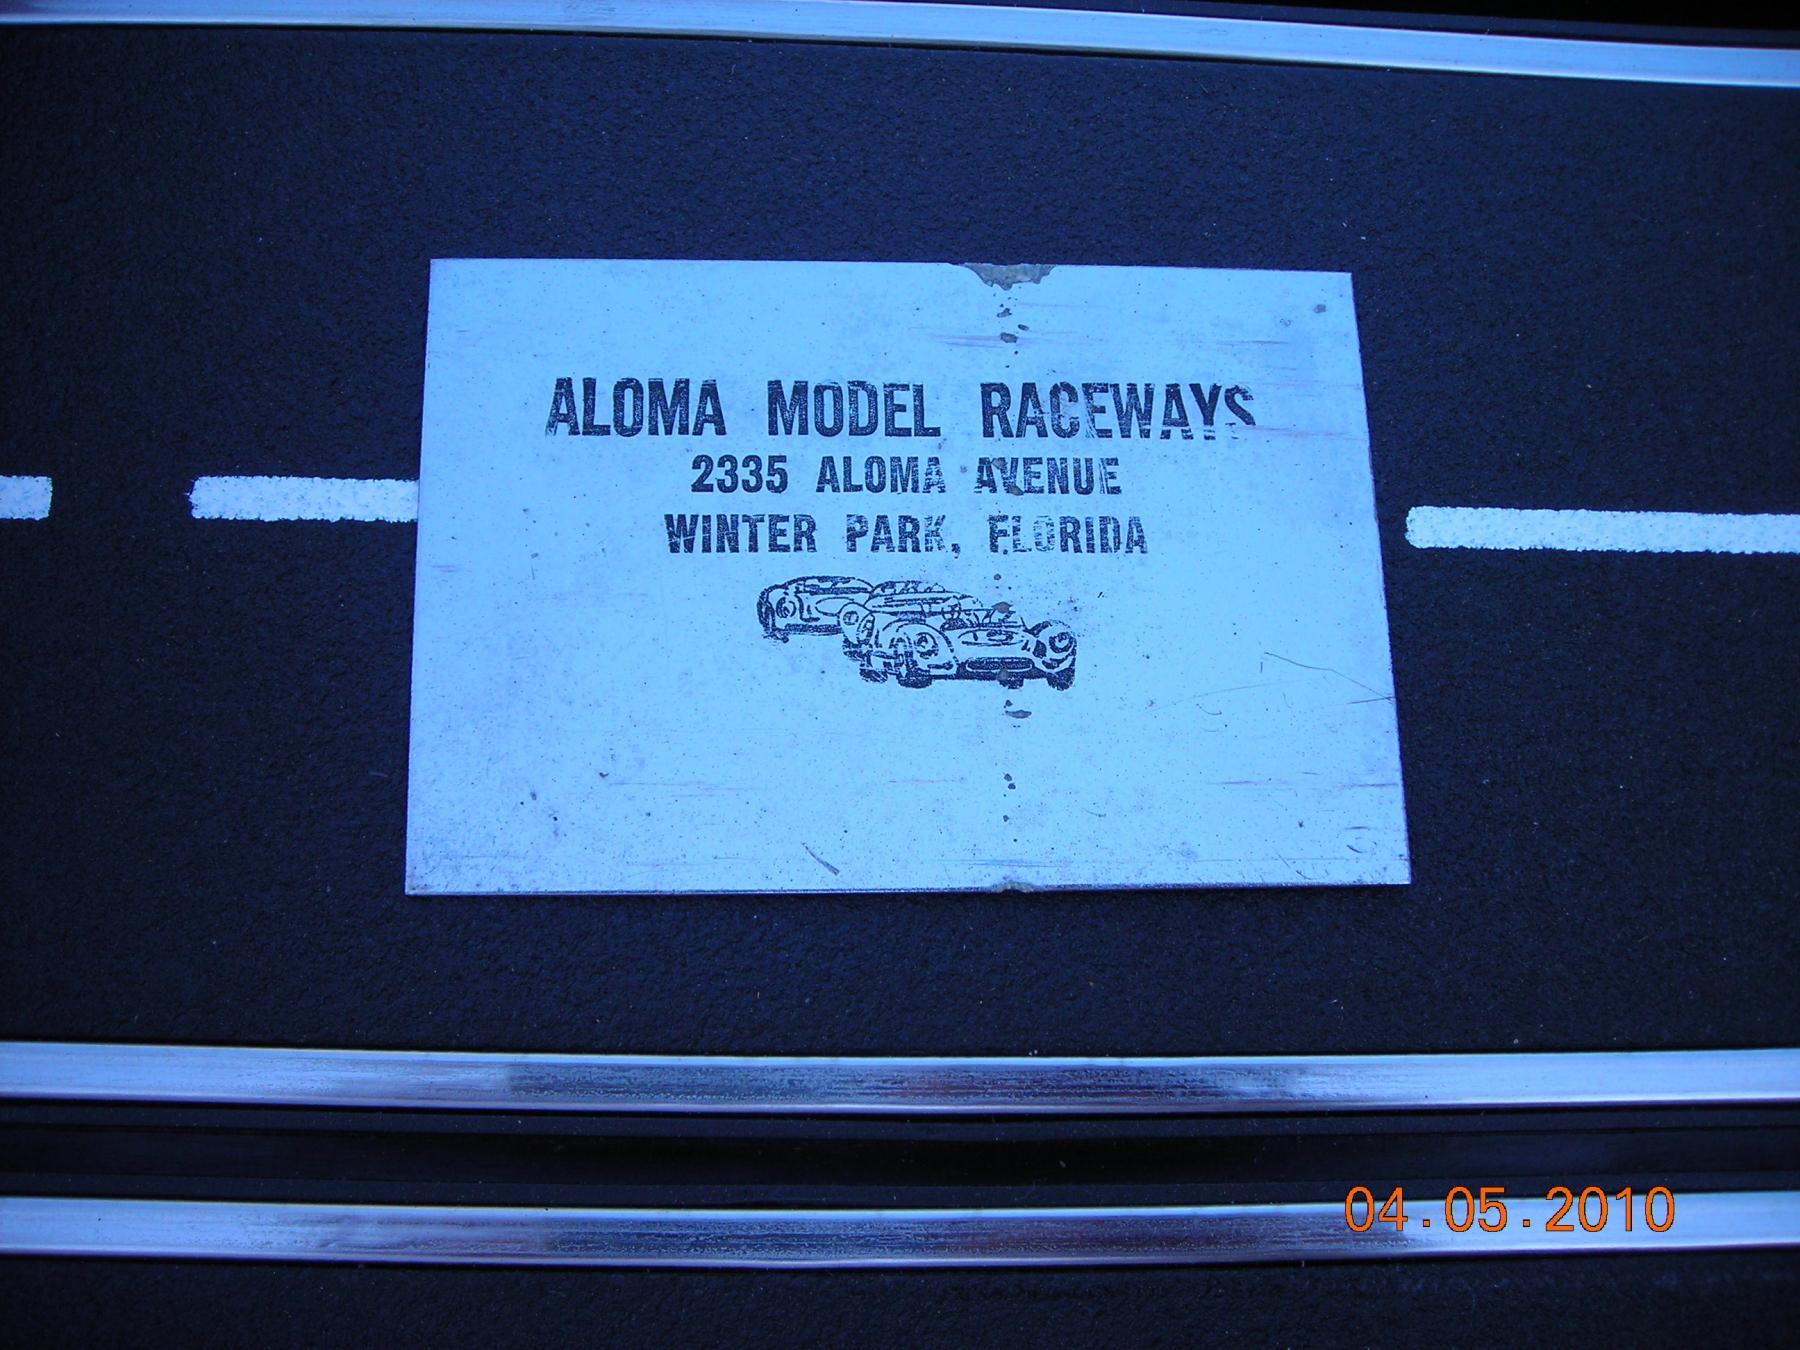 Slot cars 014.jpg